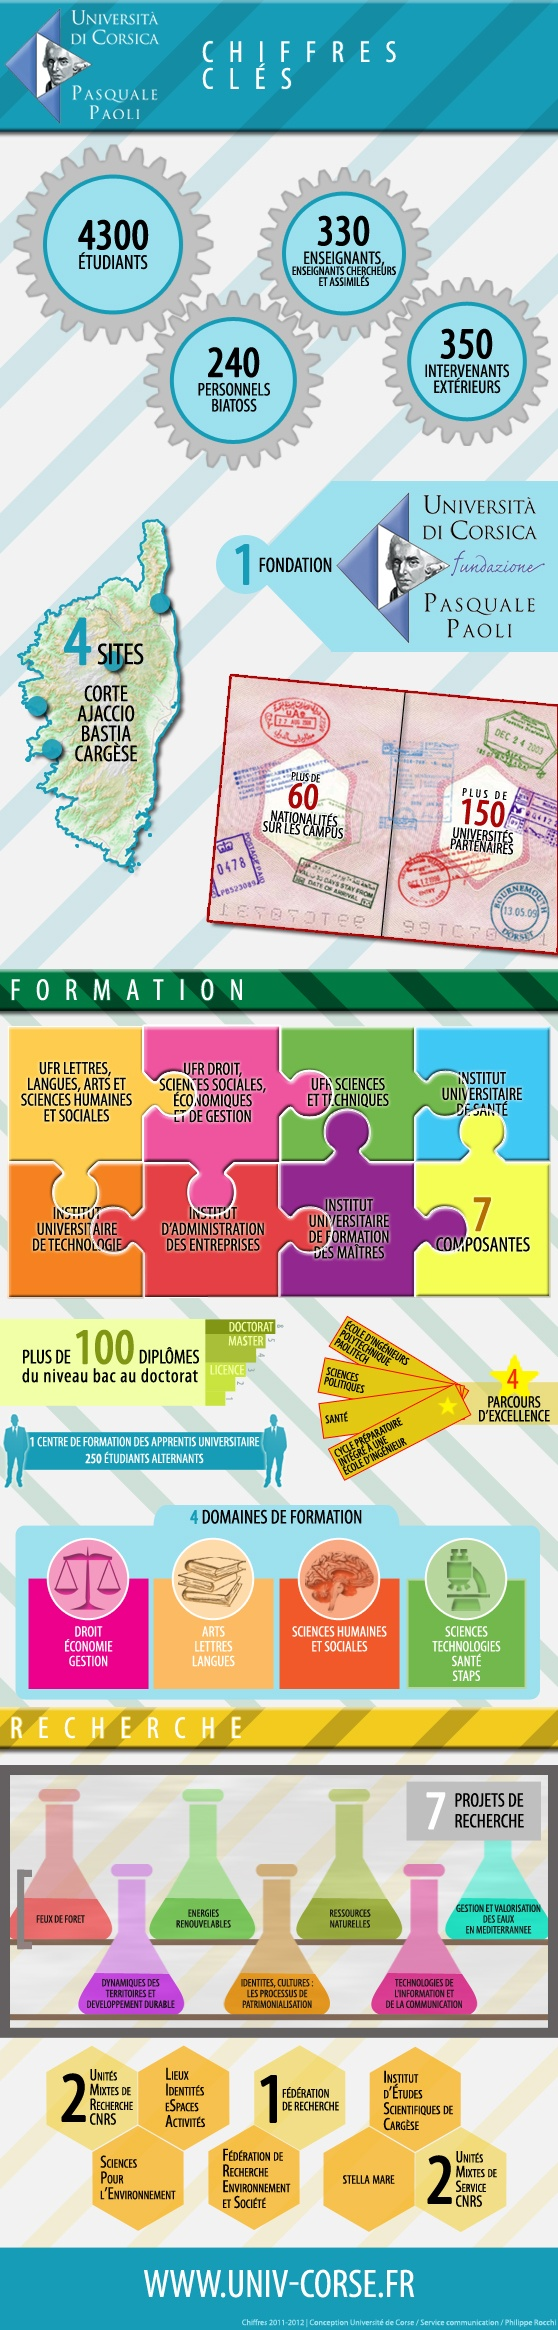 Les chiffres clés de l'Université de Corse